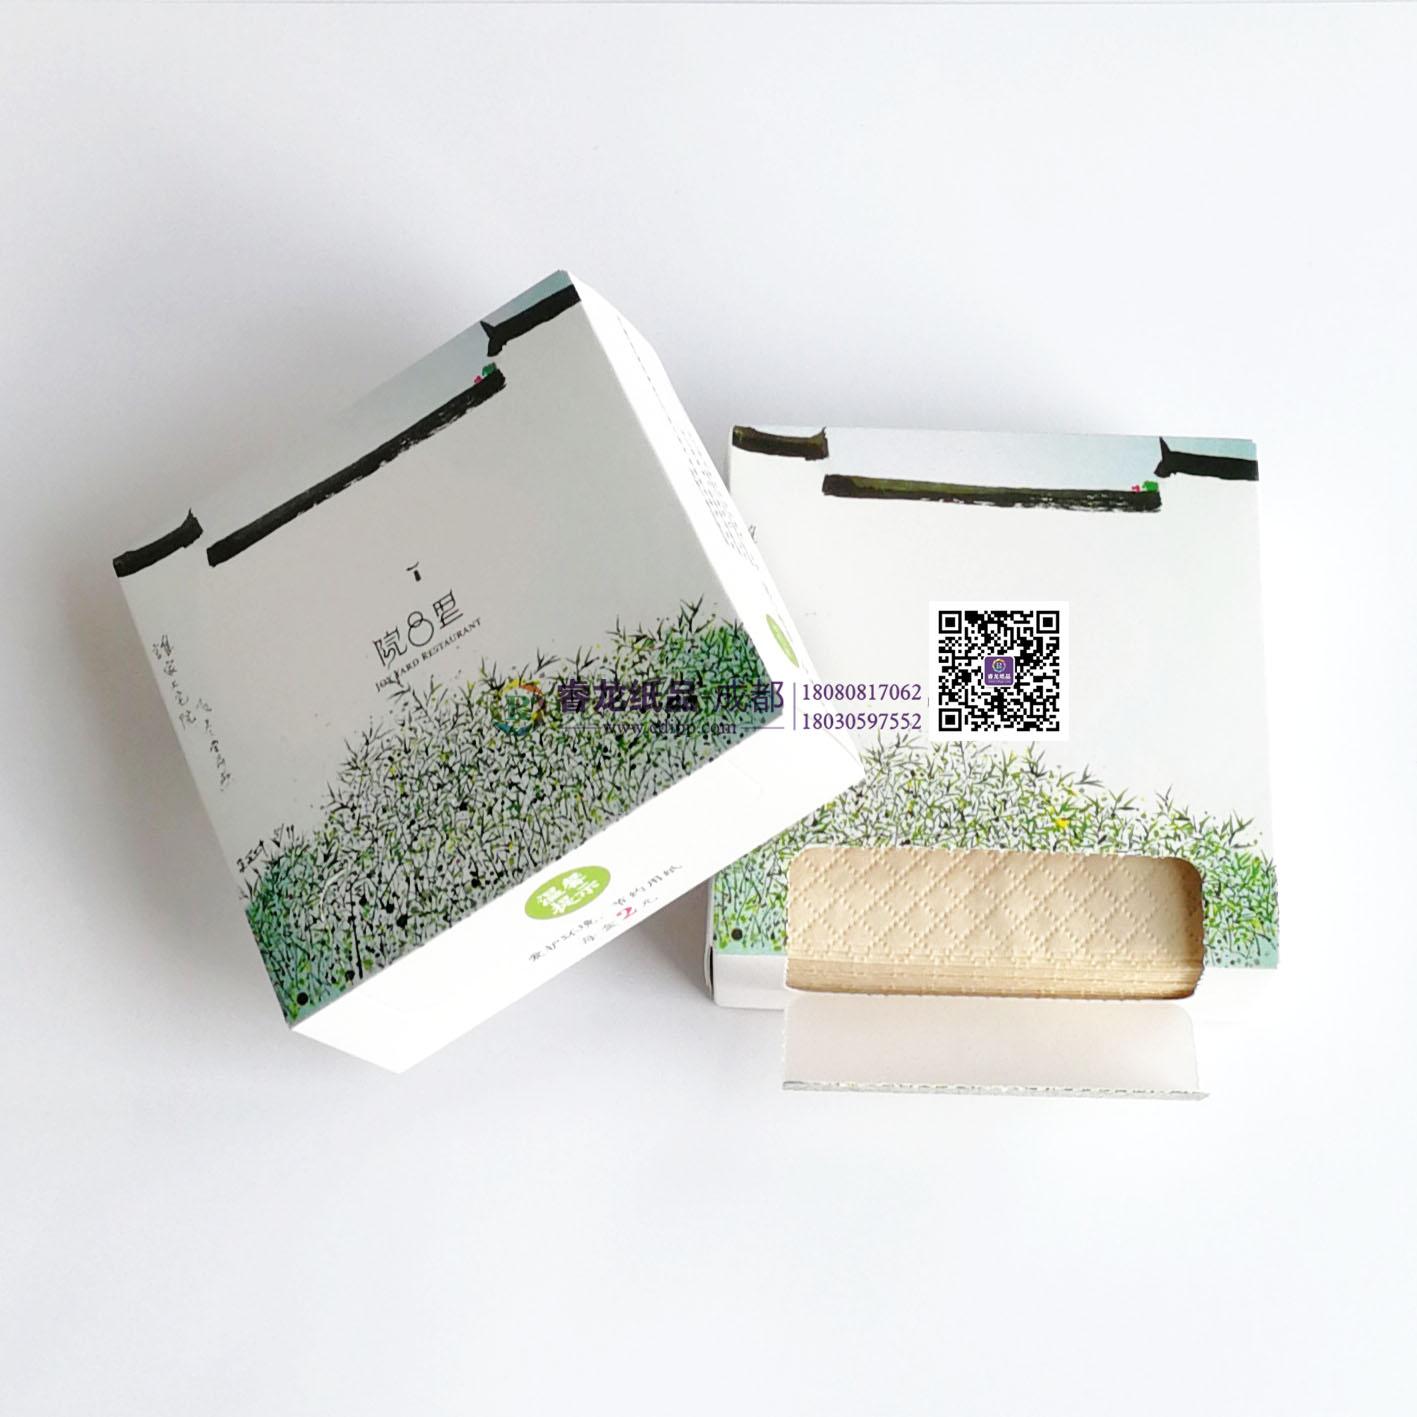 成都纸巾厂家…成都睿龙纸品…成都盒装抽纸【定做原生木浆纸巾】